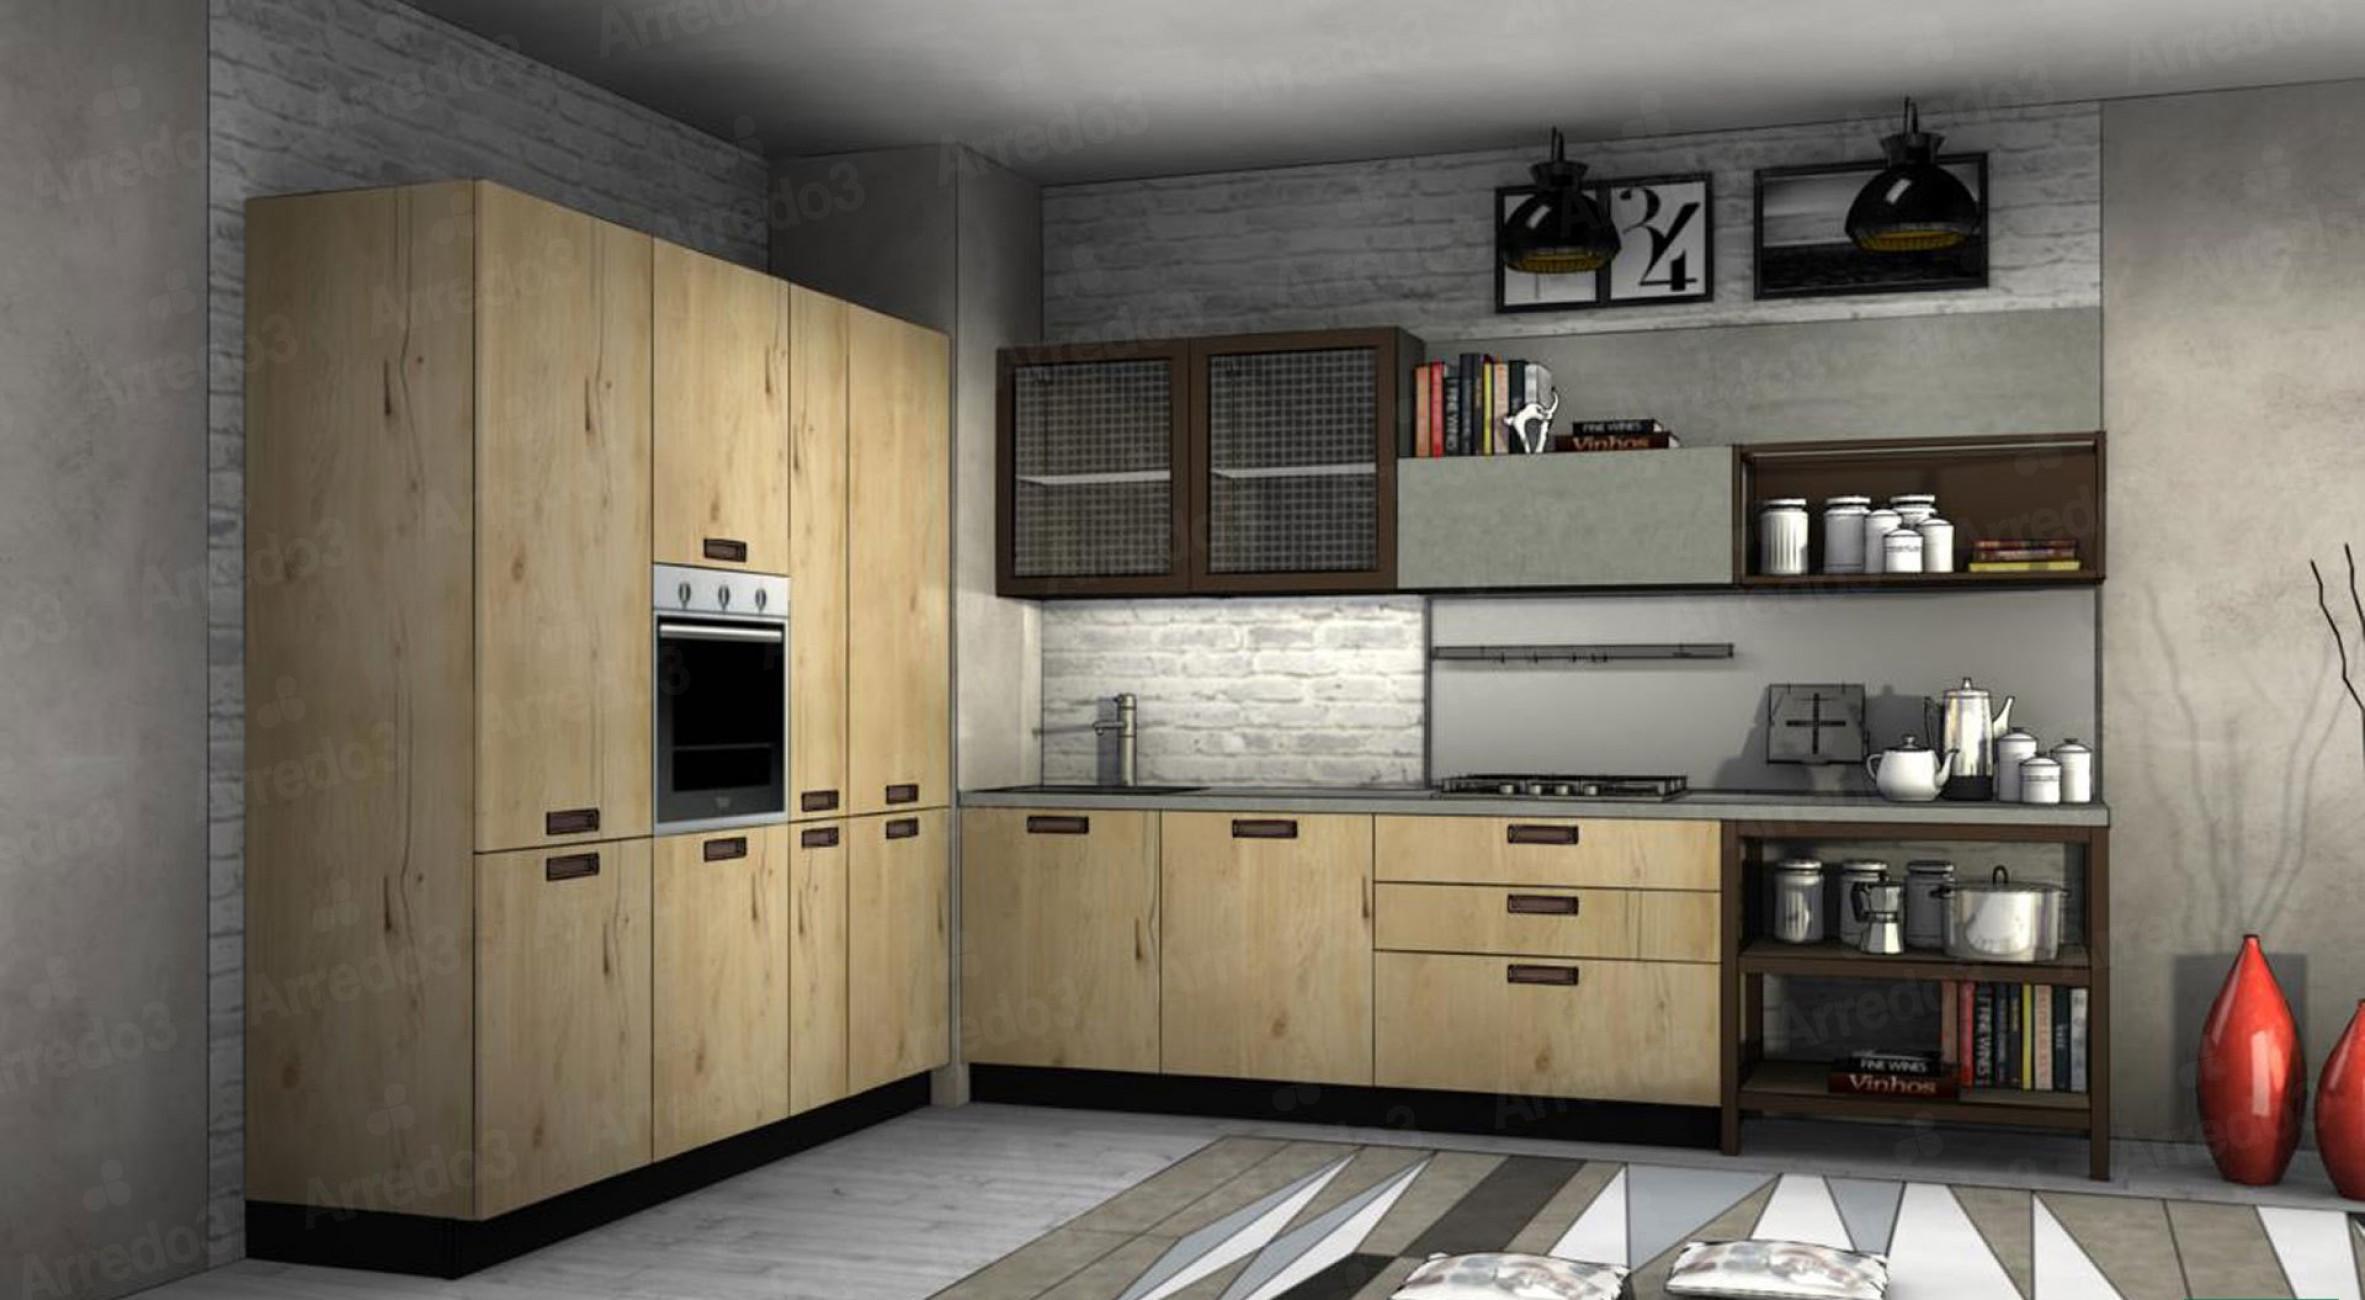 Итальянская Кухня KALI AM10   Цена на Кухня KALI AM10 ARREDO3